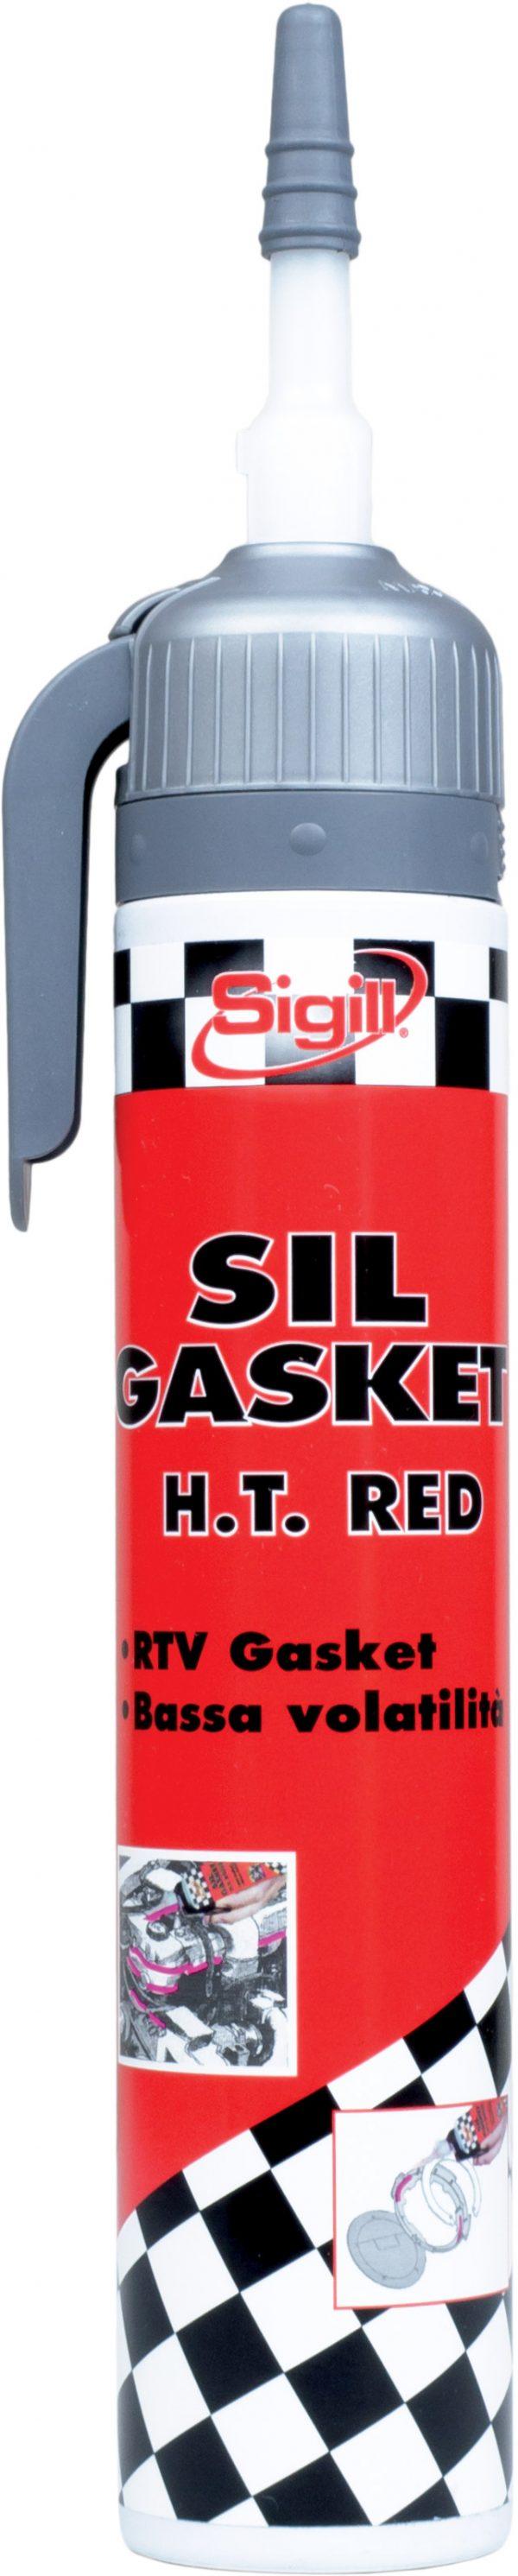 Prodotti per auto, sigillante per motori, guarnizione chimica per motori